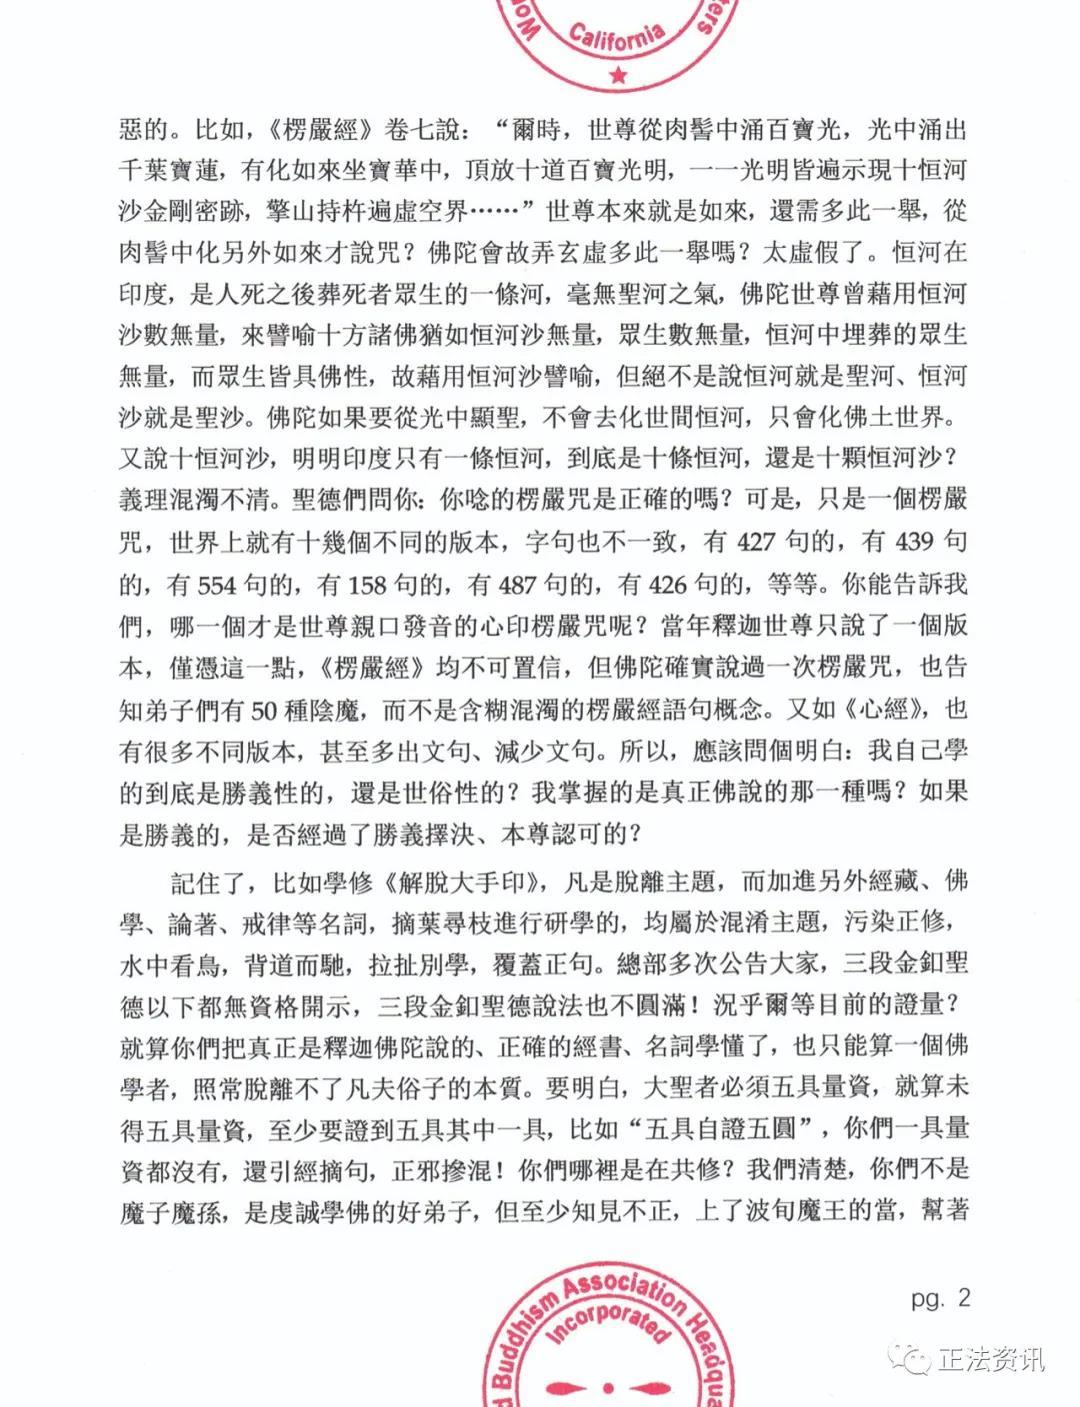 世界佛教总部公告(公告字第20200102号)- 正确的共修 第2张